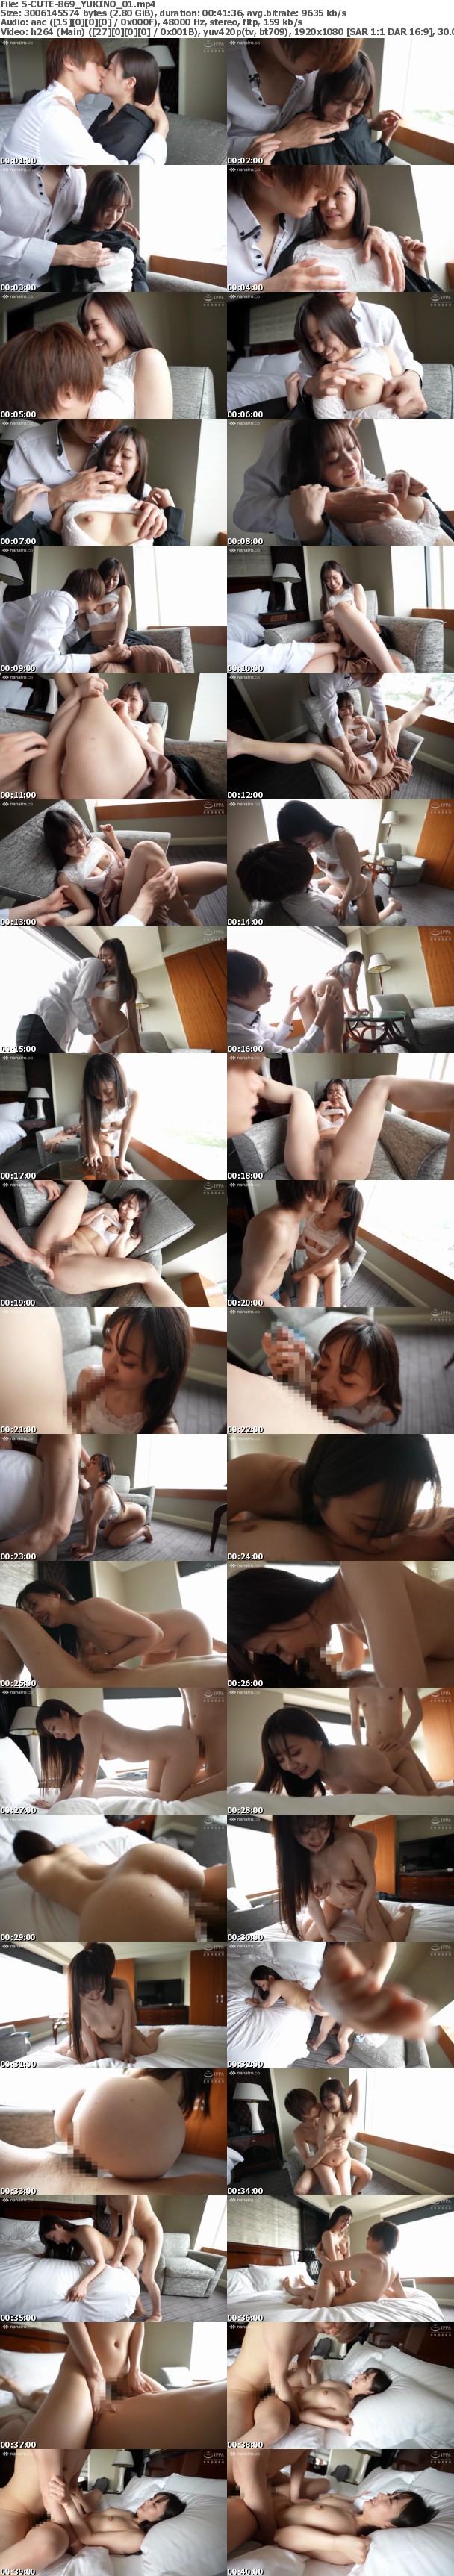 S-cute 869_yukino_01 開腳美少女の何度もイッちゃうH Yukino